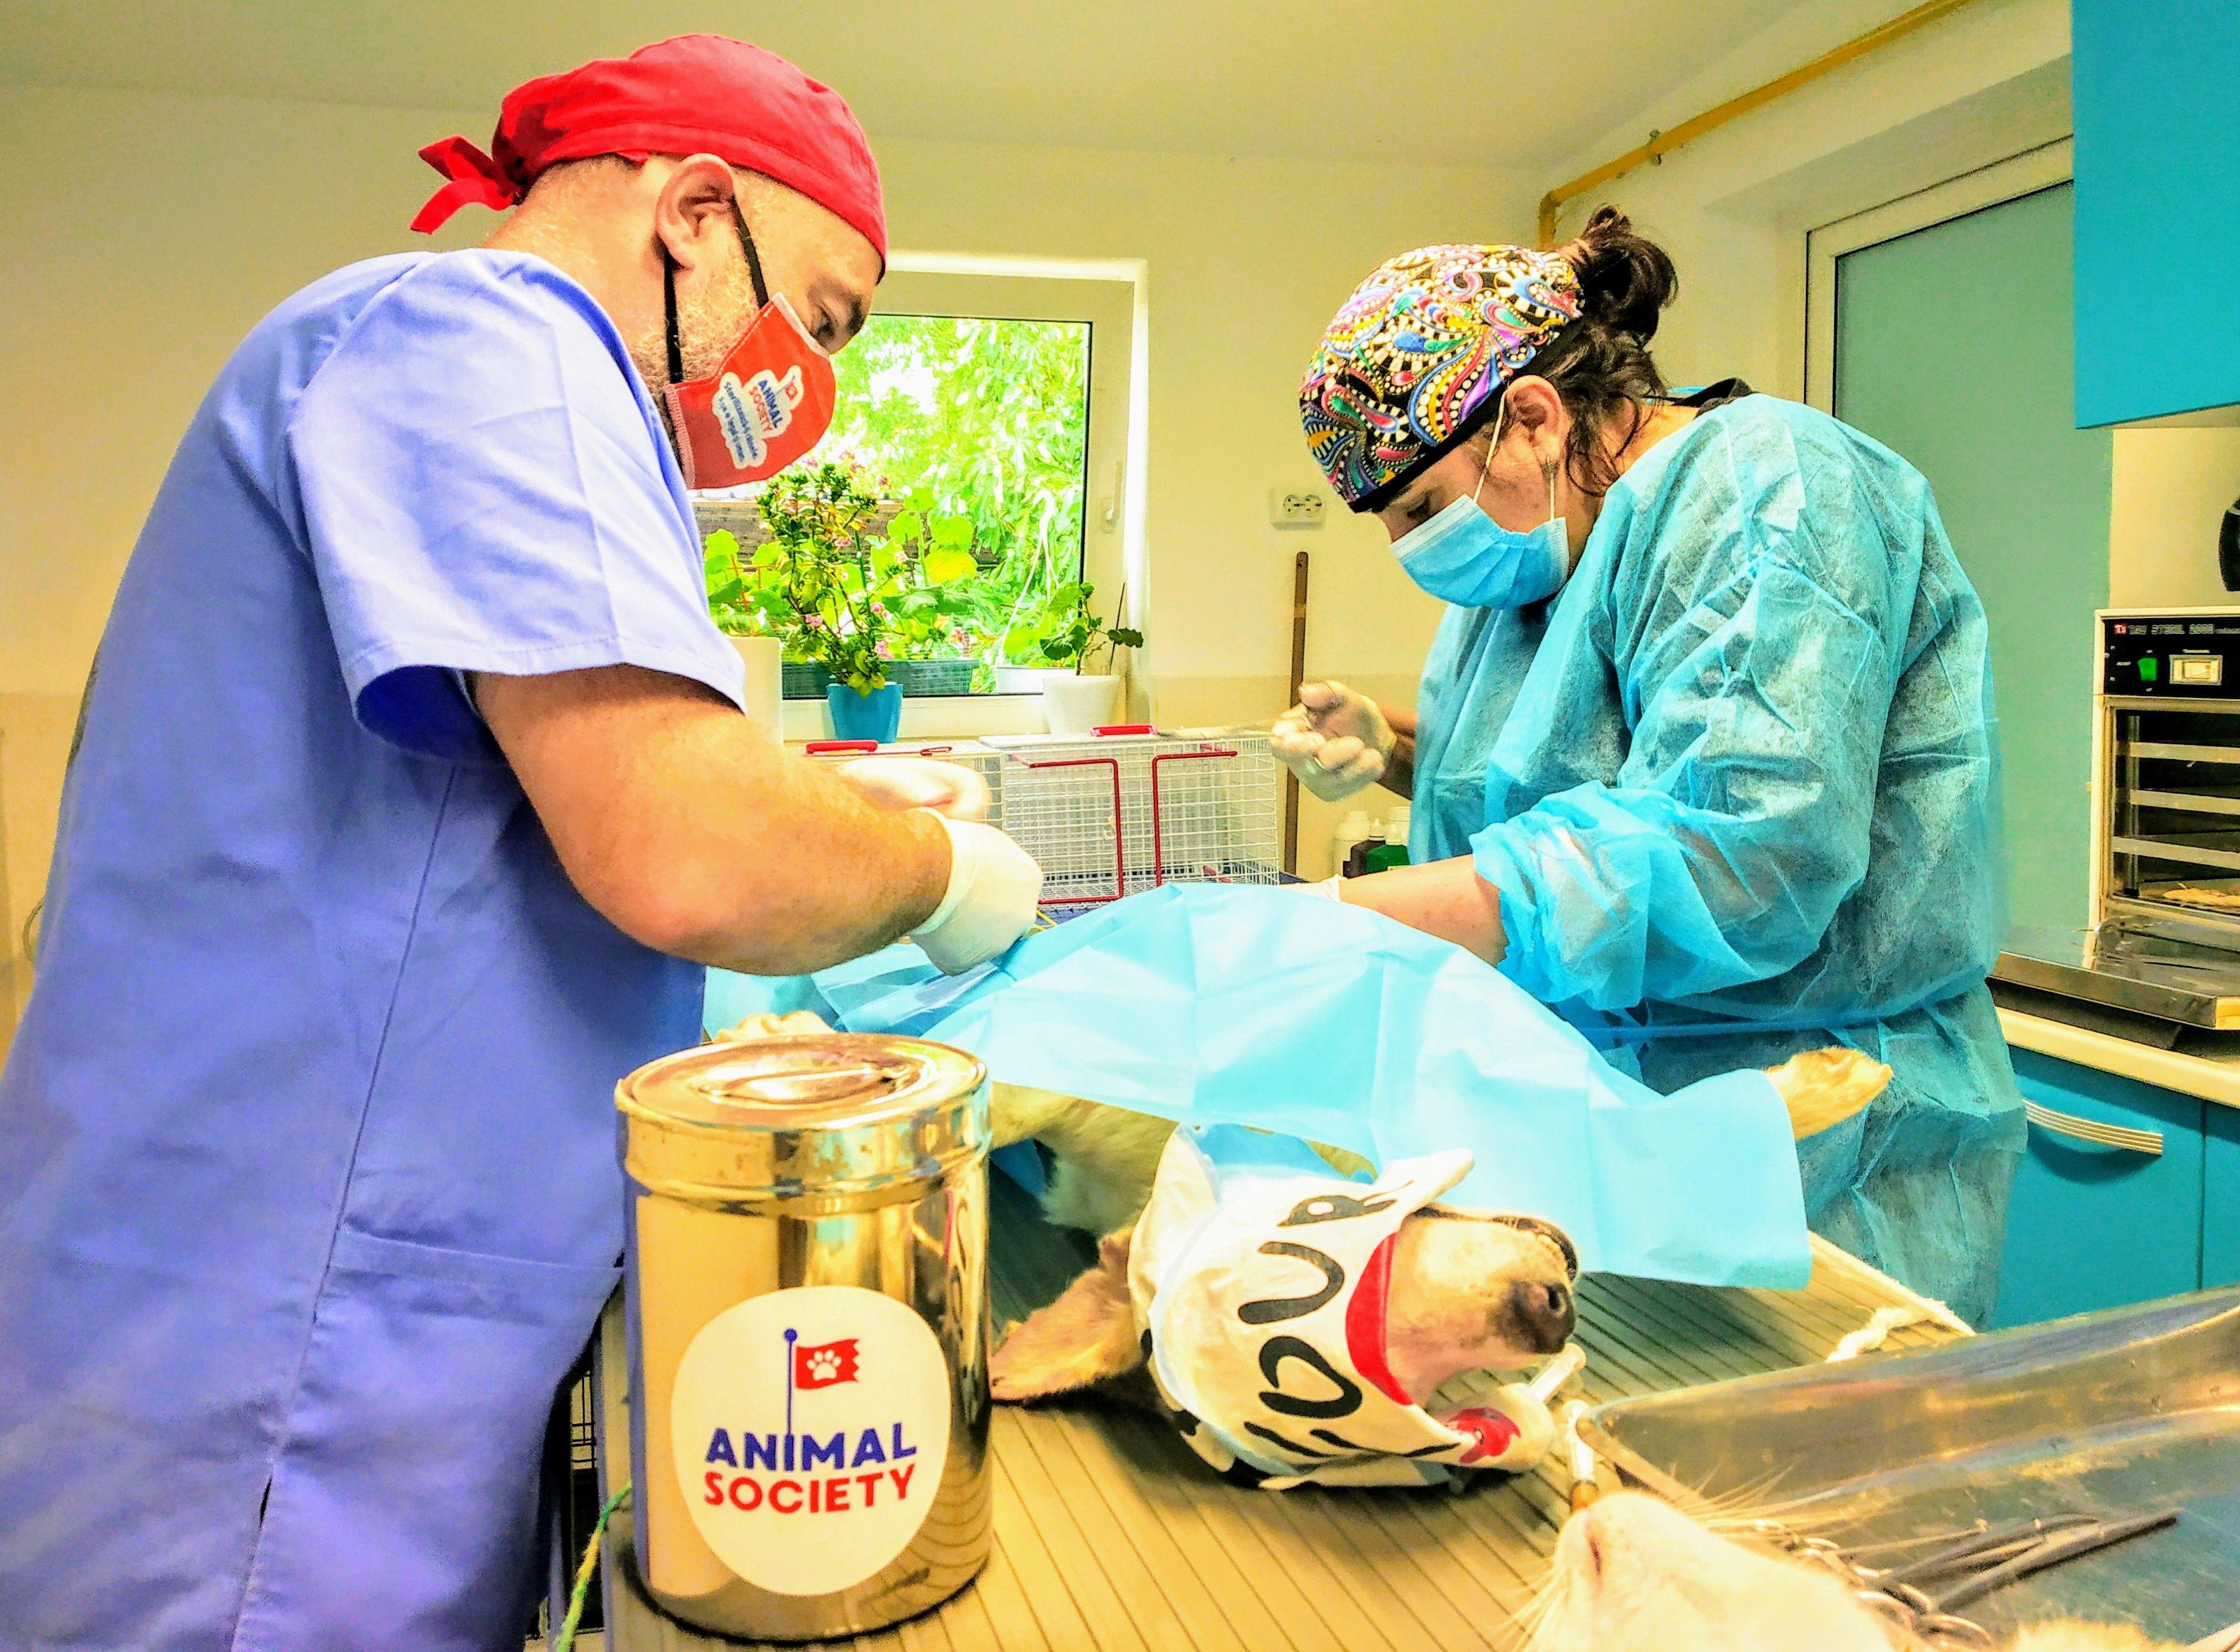 """Animal Society și Primăria Municipiului Constanța lansează proiectul """"Efort comun pentru un viitor mai bun"""""""